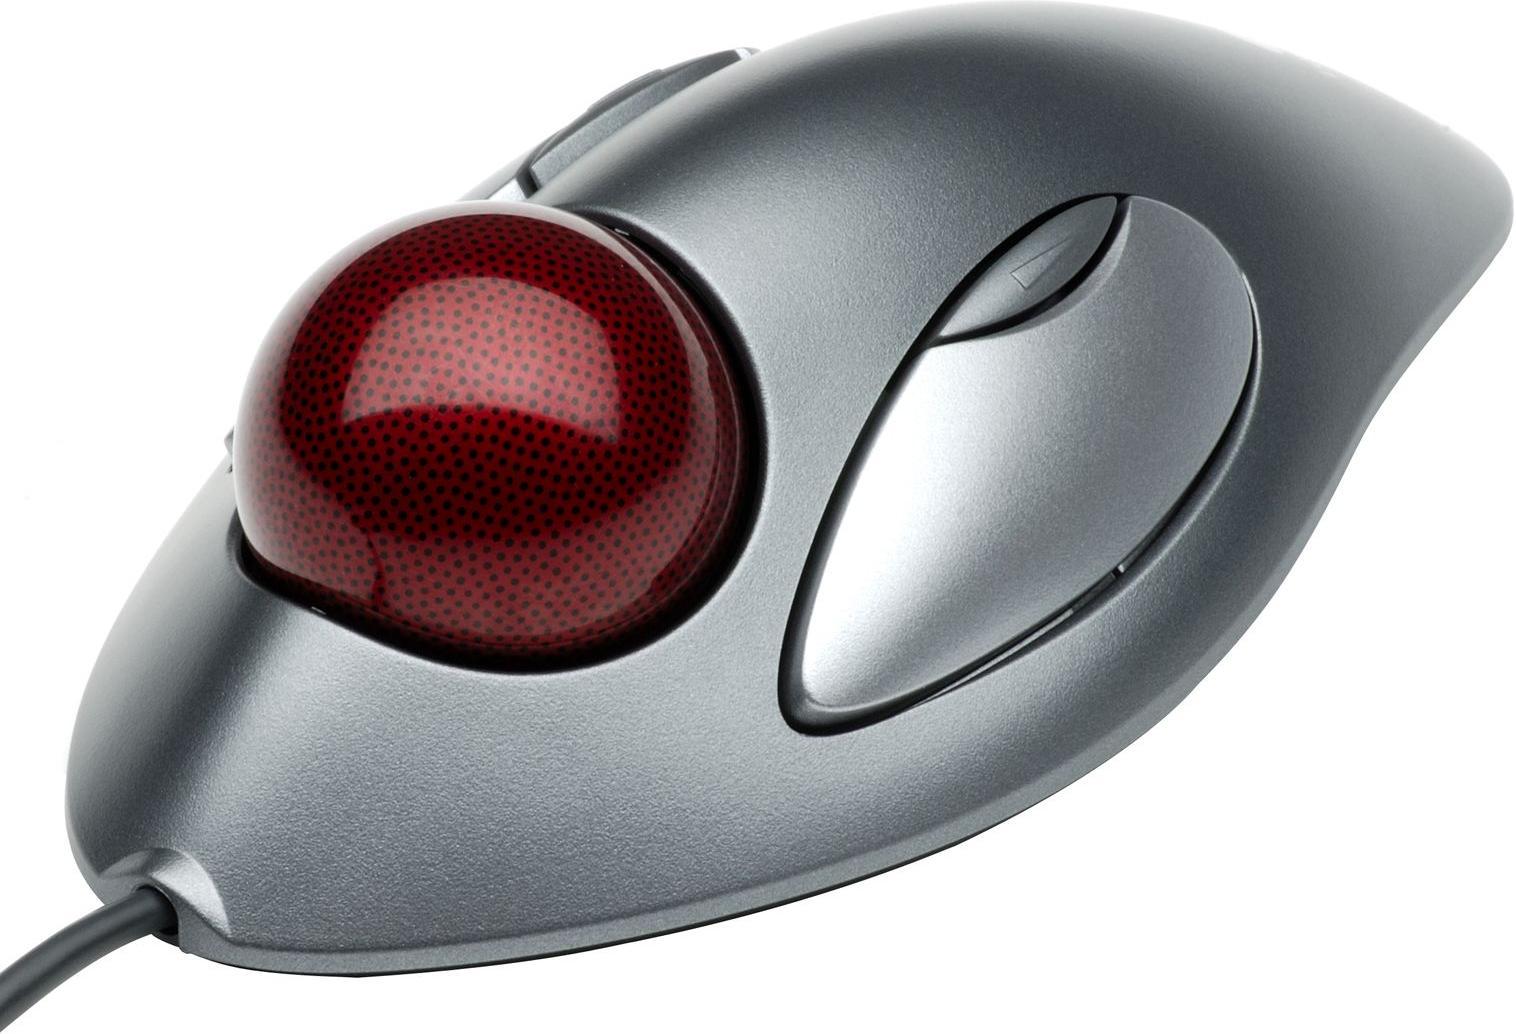 Купить Миші, Трекбол Logitech Trackman Marble сірий, 910-000808